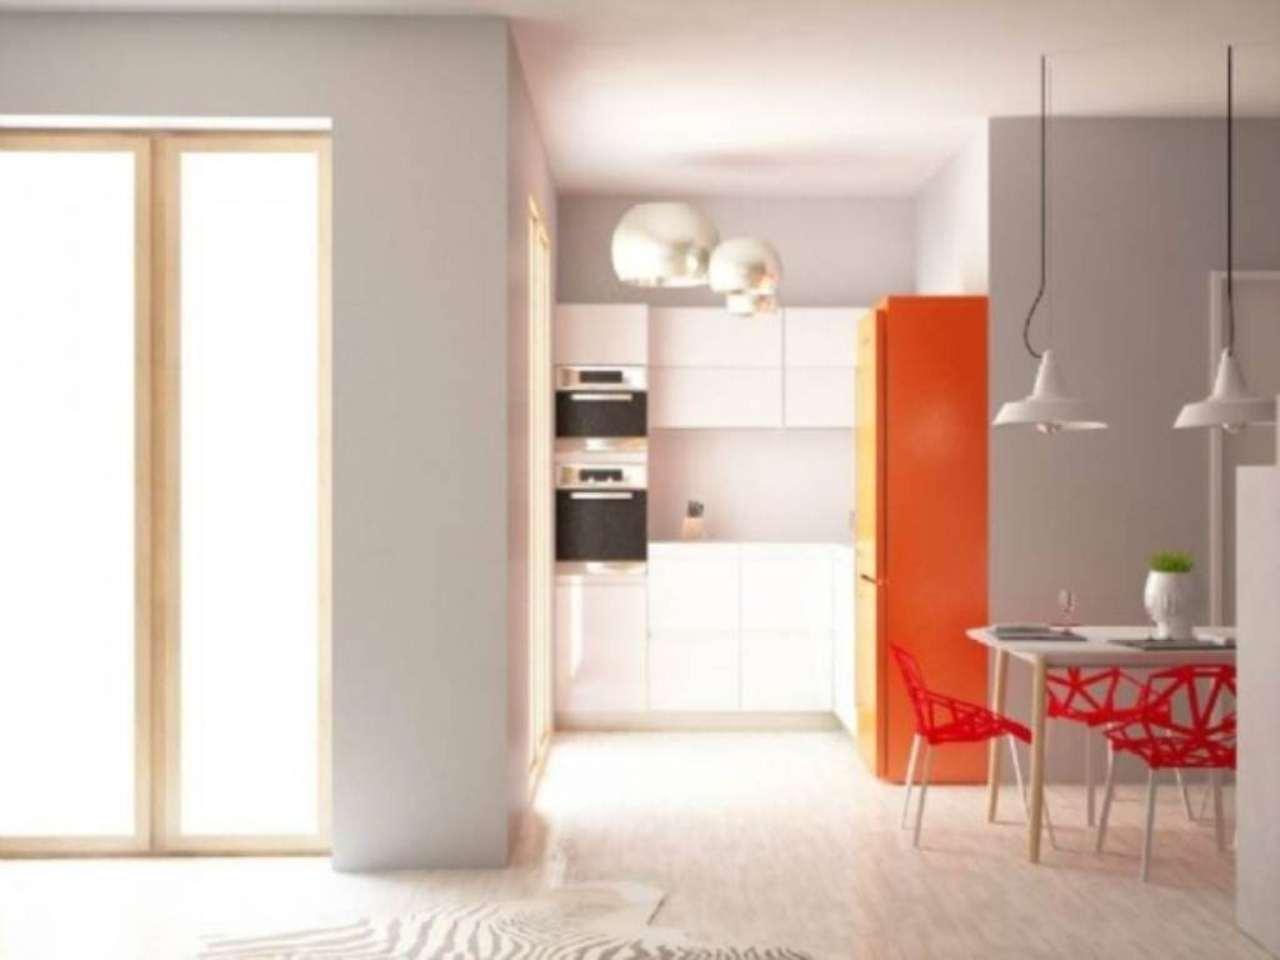 Soluzione Indipendente in vendita a Malnate, 2 locali, prezzo € 140.000   Cambio Casa.it